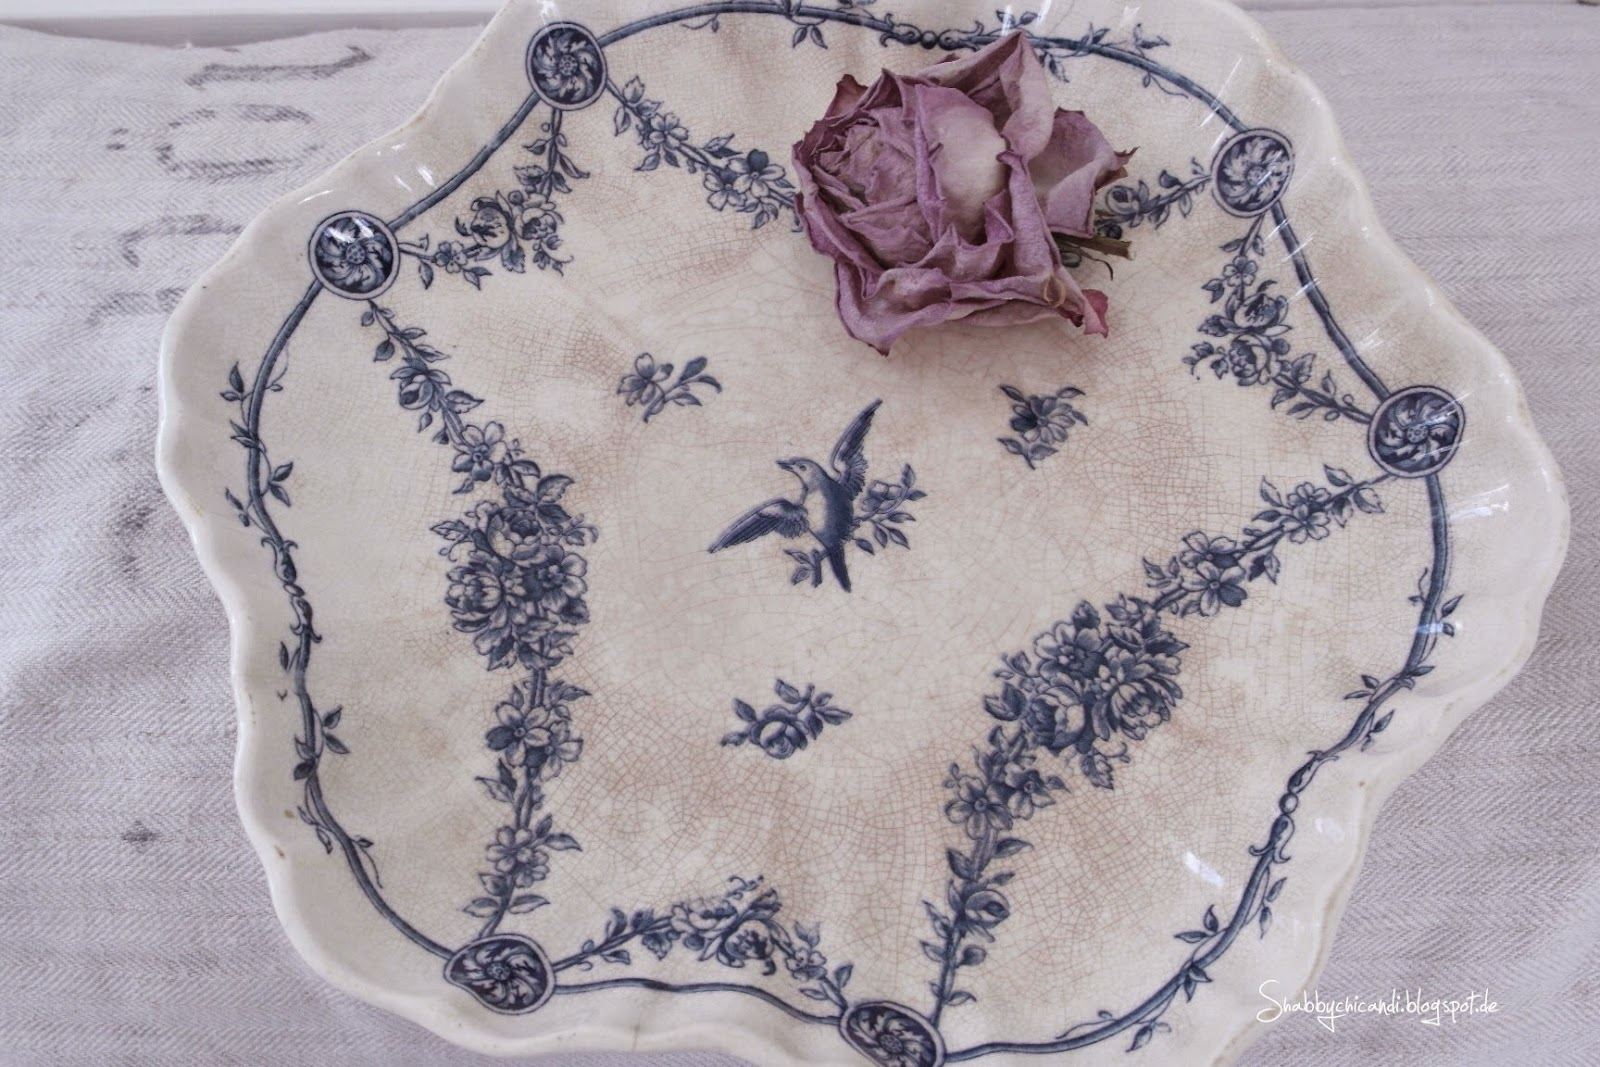 alte Keramik Schale aus Frankreich mit blauer Verzierung